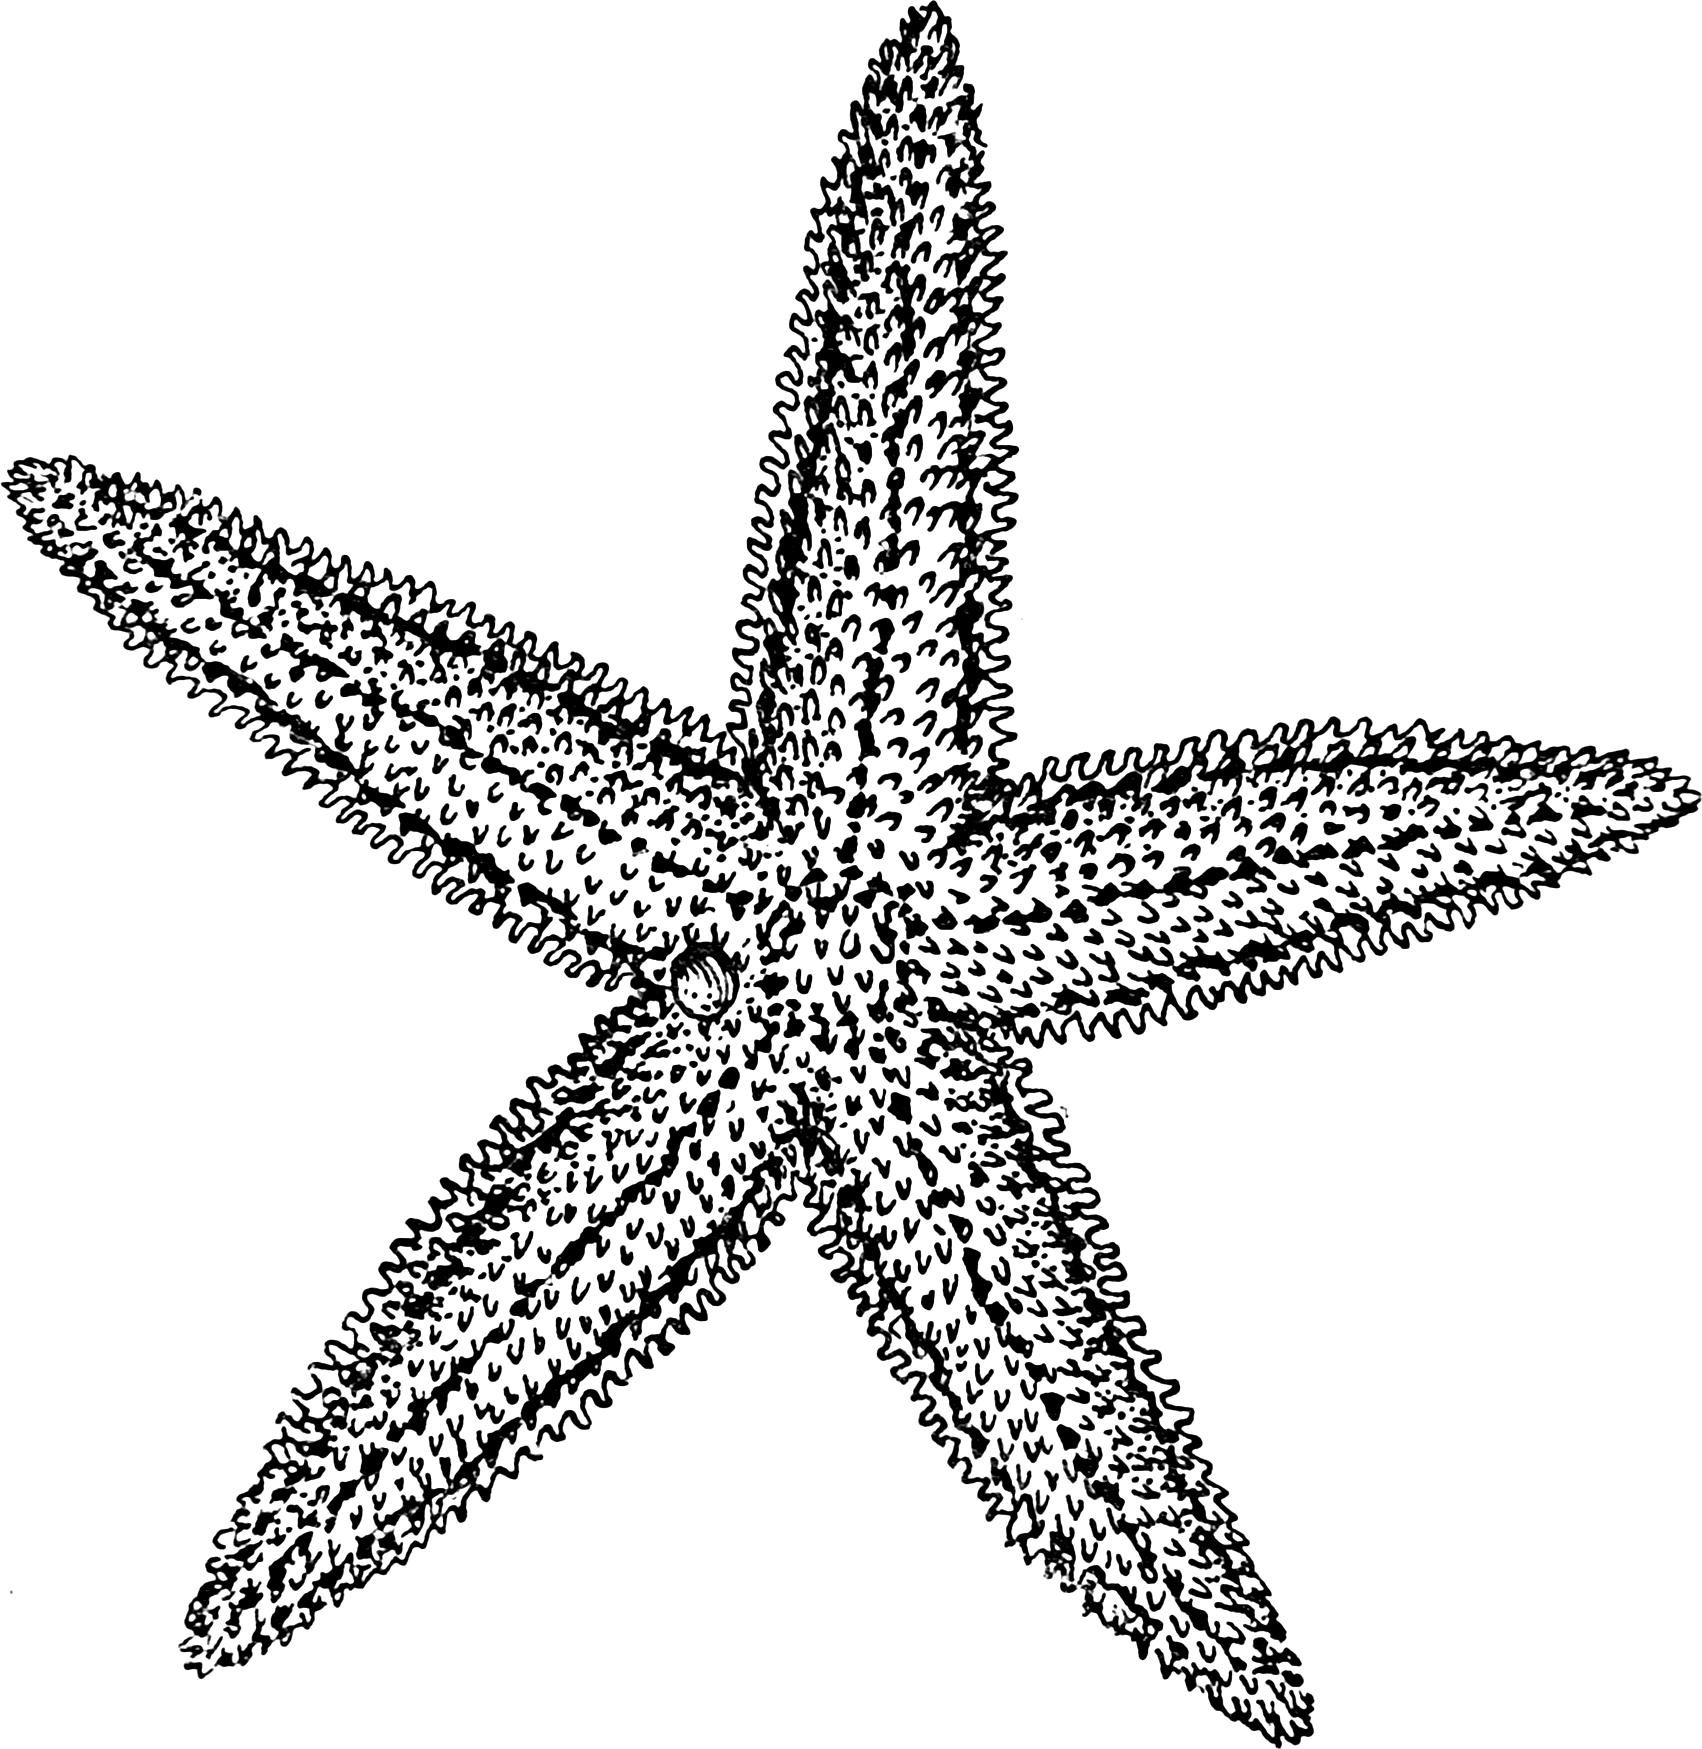 Starfish or sea stars are starshaped echinoderms